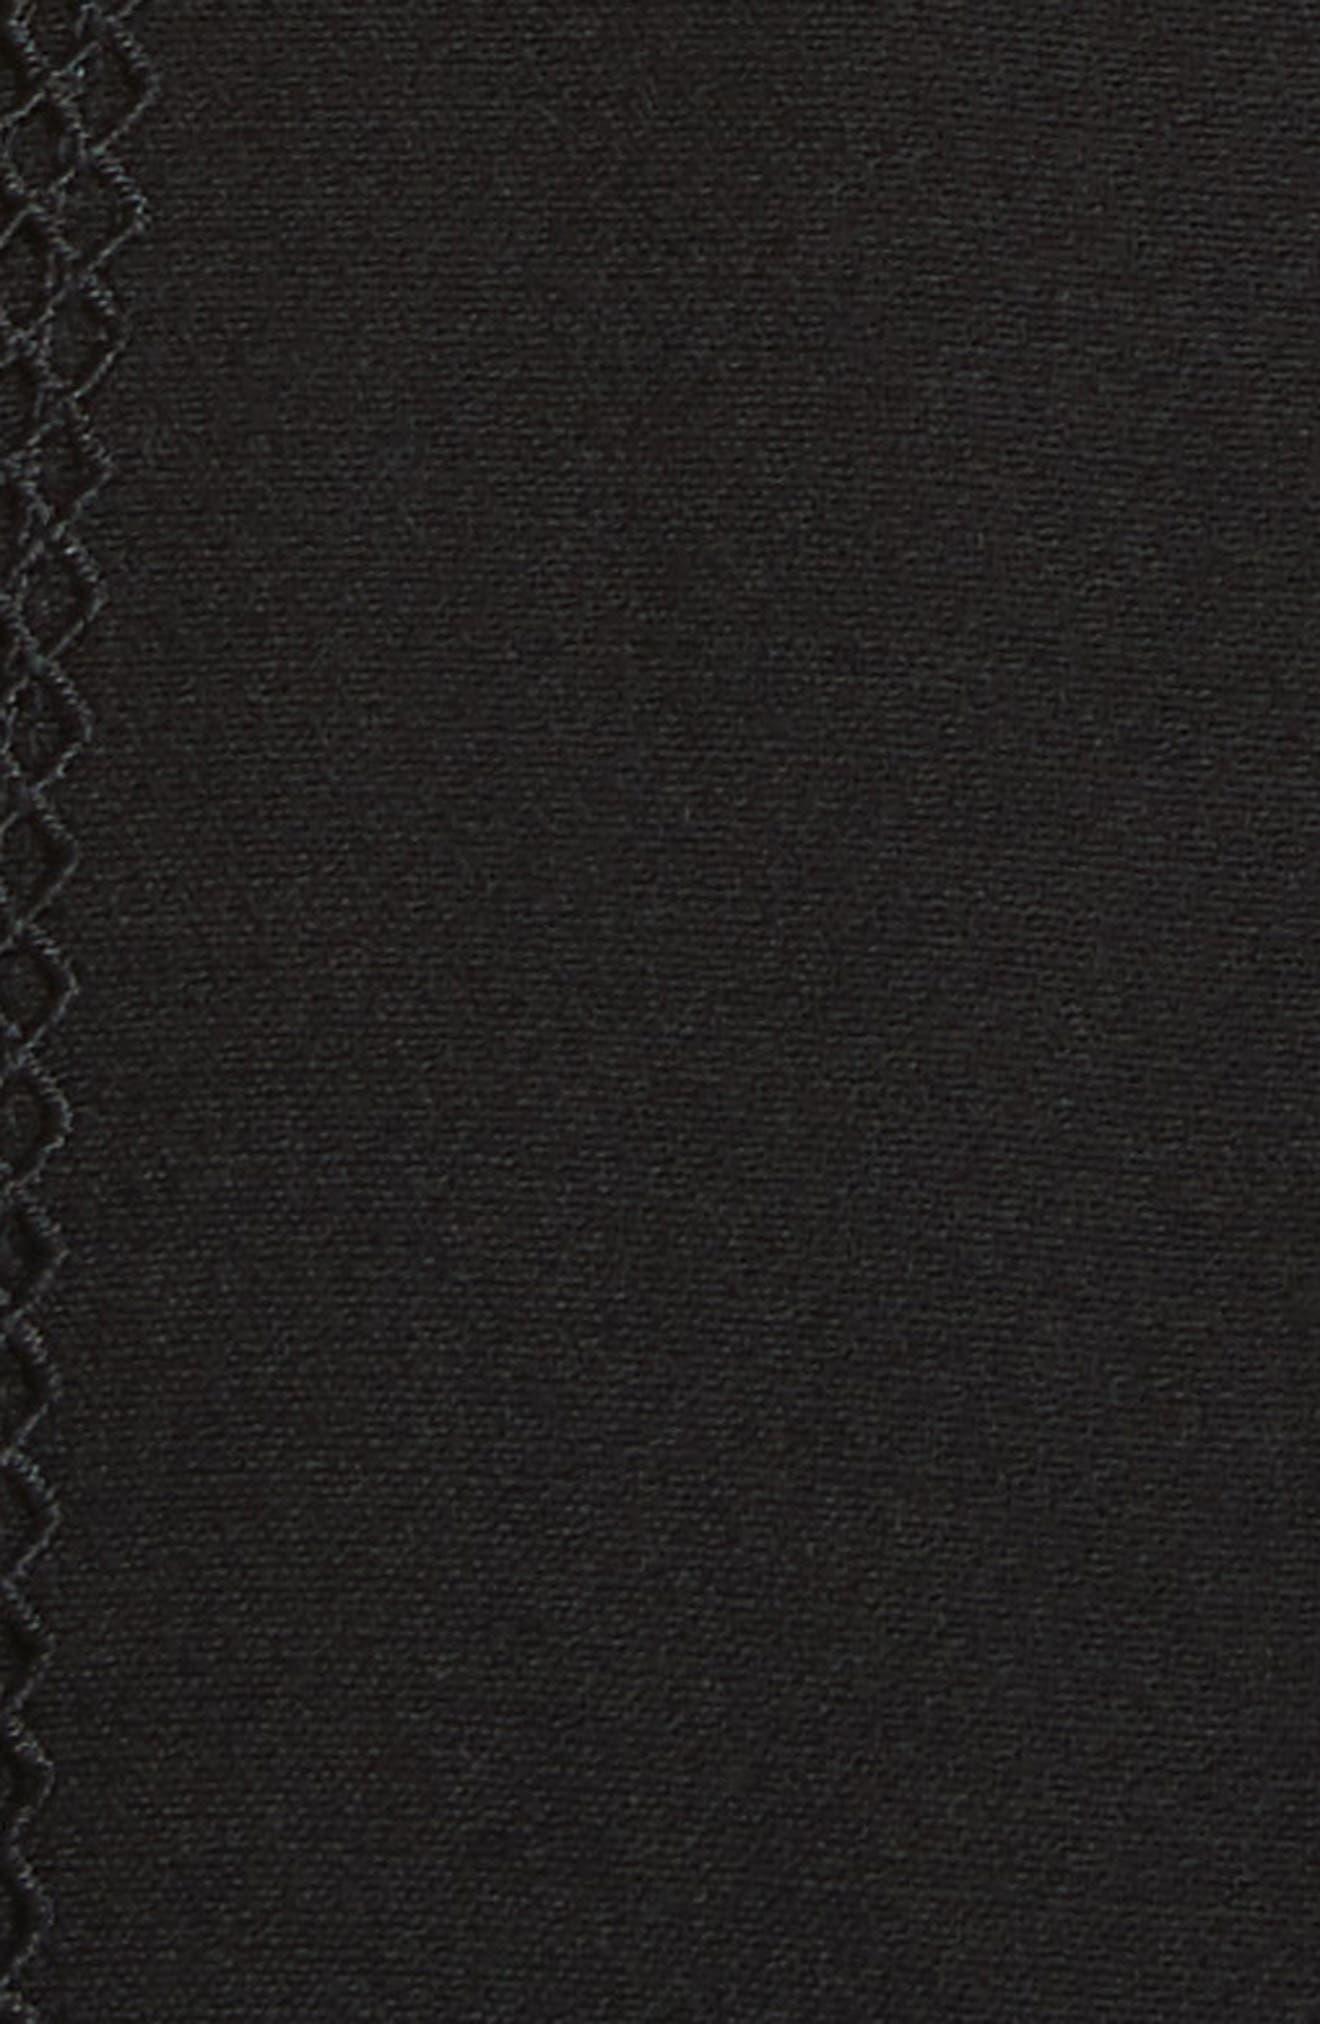 Trimmed Overlay Minidress,                             Alternate thumbnail 5, color,                             001